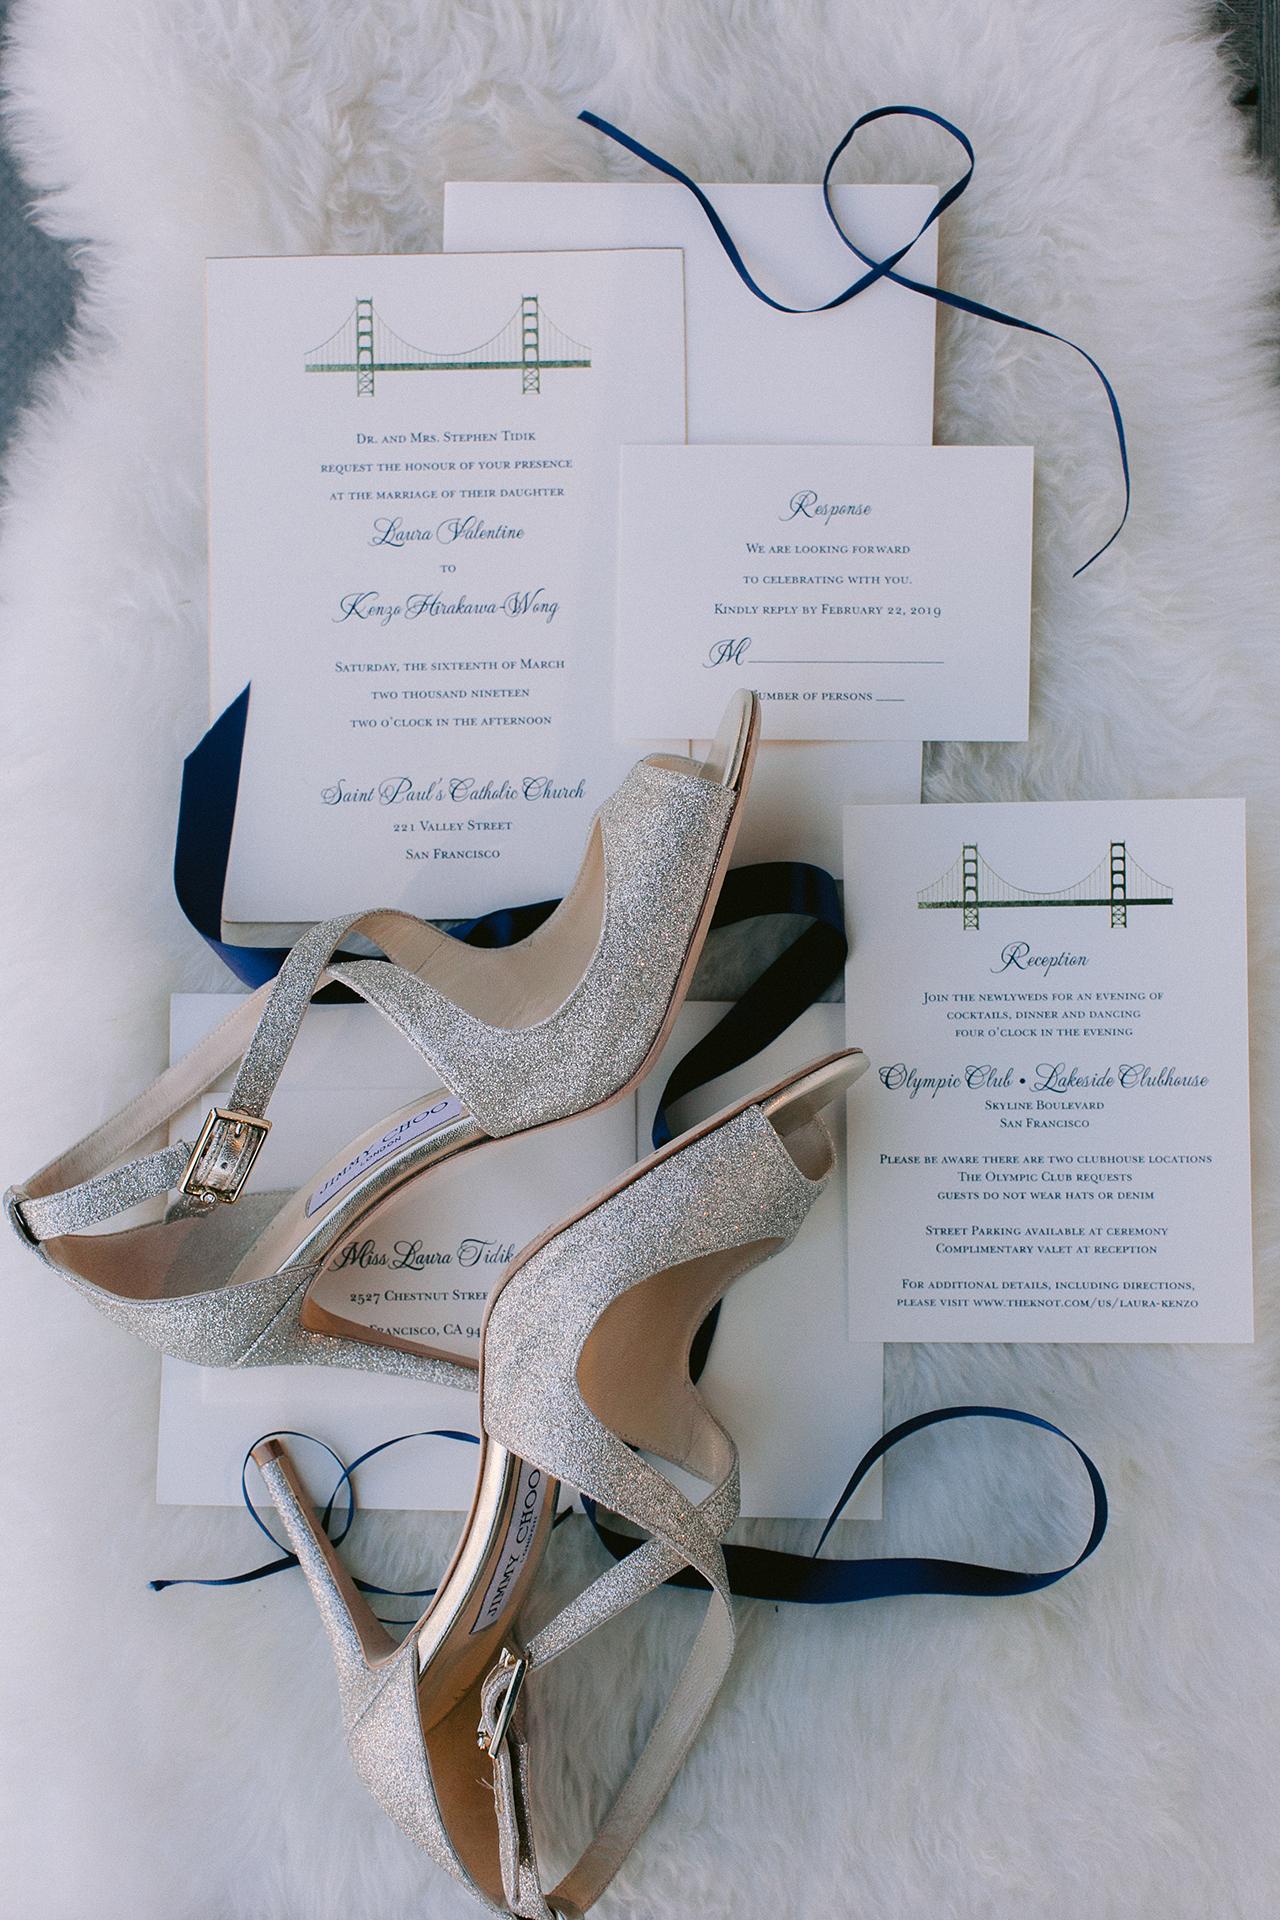 The_Olympic_Club_Wedding_001.jpg